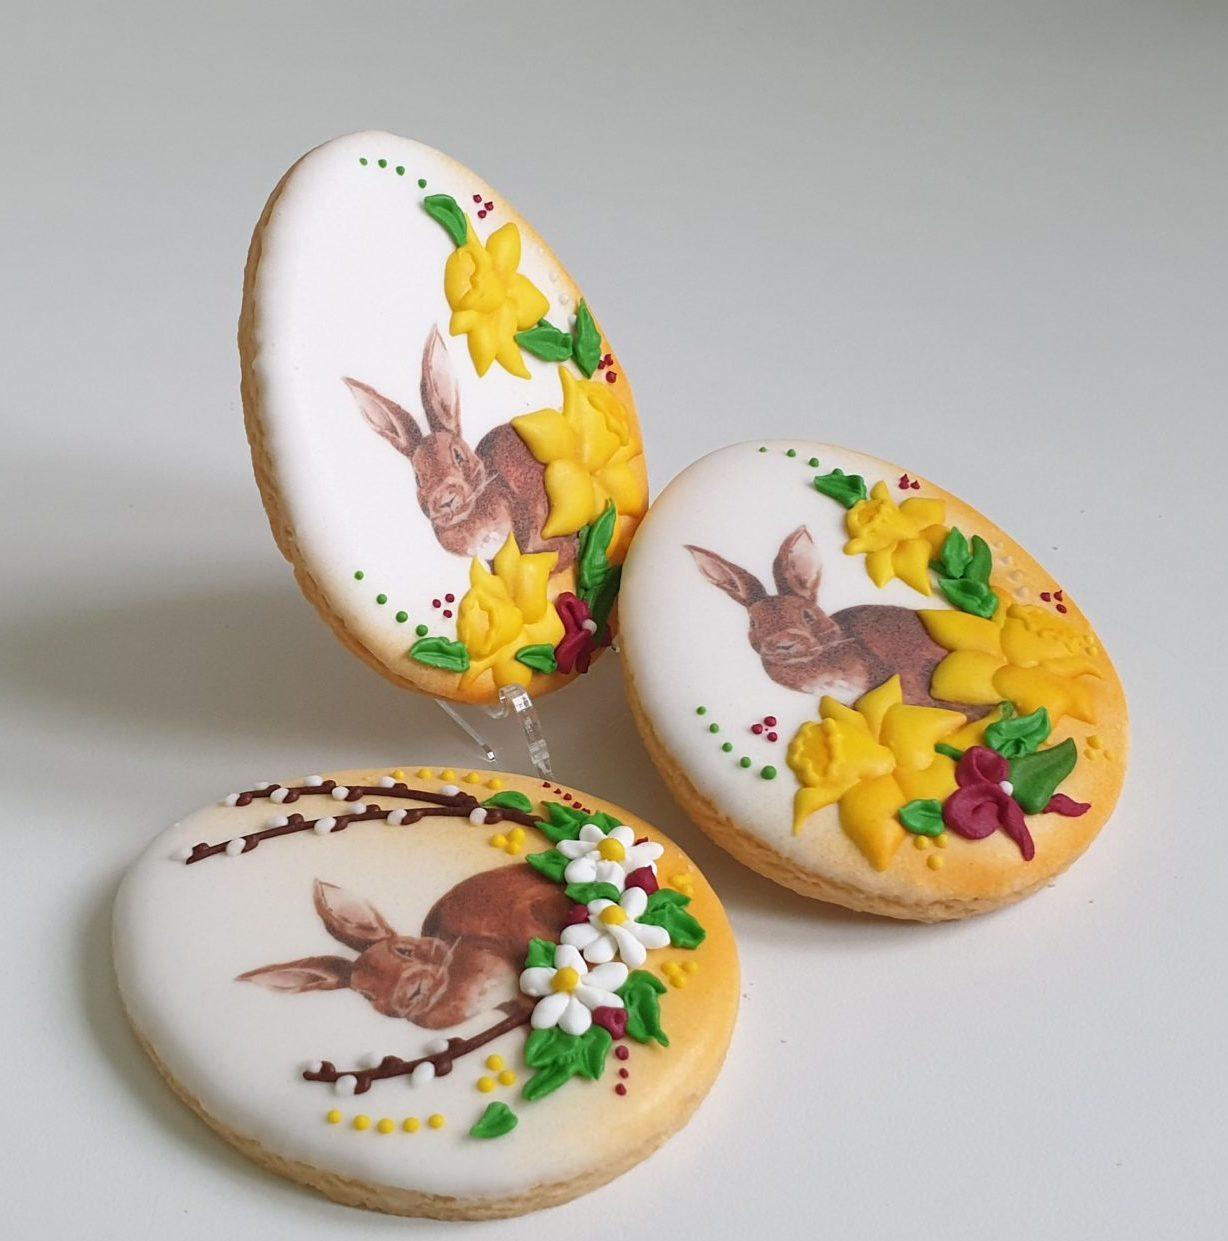 Ciasteczka Wielkanocne - pisanka, Króliczek wielkanocny, ciasteczka wielkanocne, dekoracje wielkanocne, lukrowane ciasteczka Basia sweets